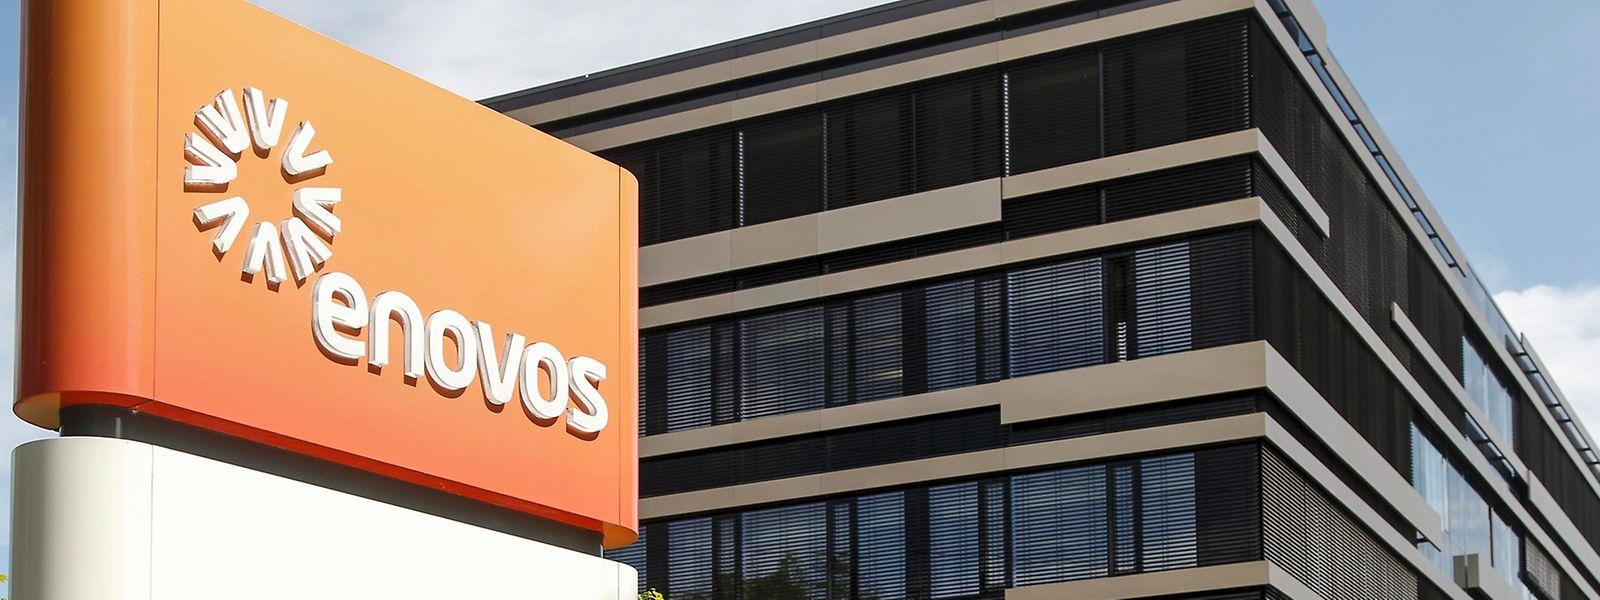 Die Enovos-Gruppe beschäftige zum Ende des vergangenen Geschäftsjahres insgesamt 1459 Mitarbeiter – gegenüber 1394 Mitarbeitern im Jahr 2013.